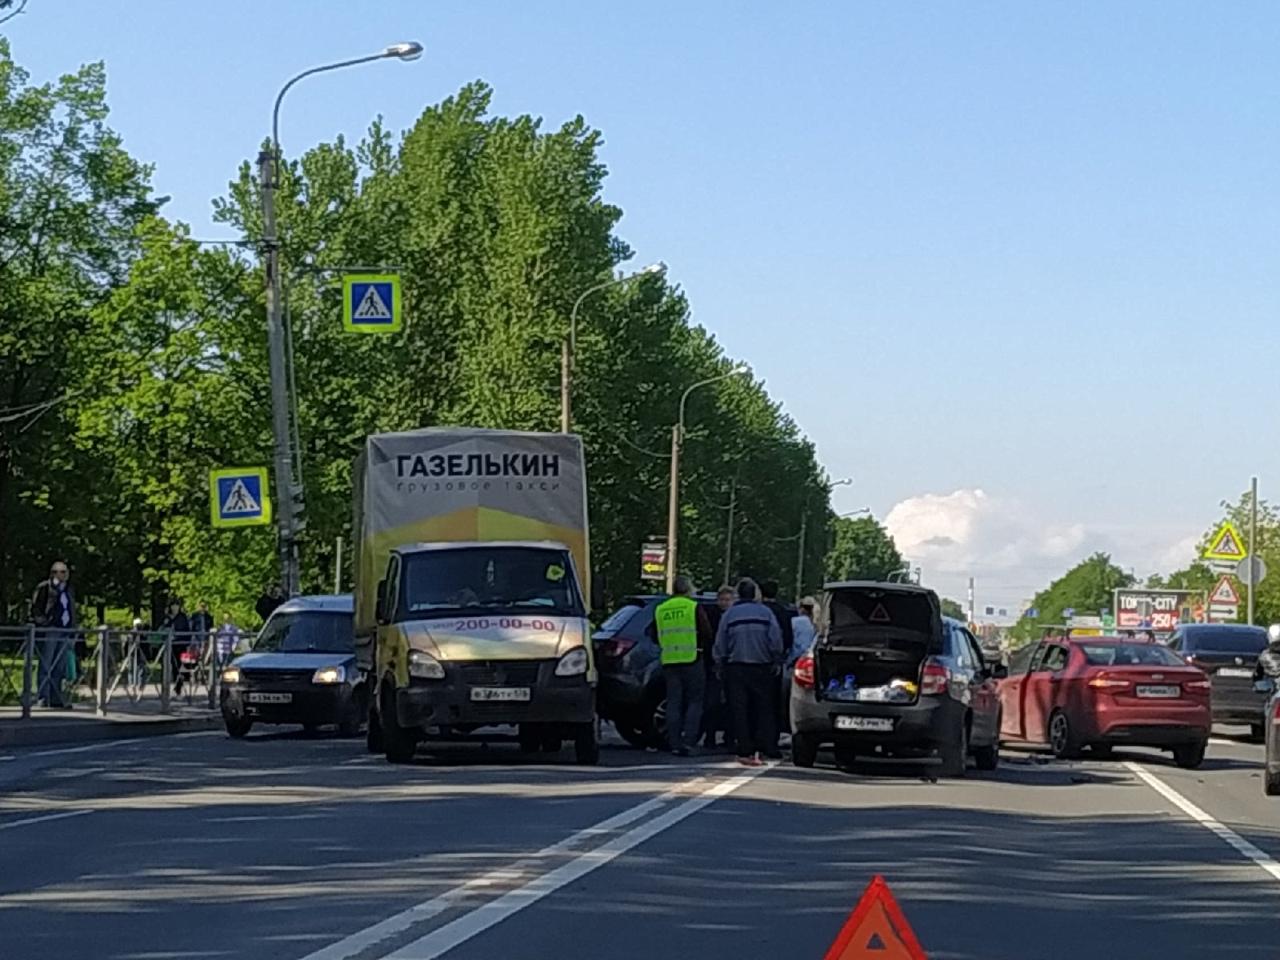 На проспекте Юрия Гагарина каким-то образом столкнулись 4 автомобиля.